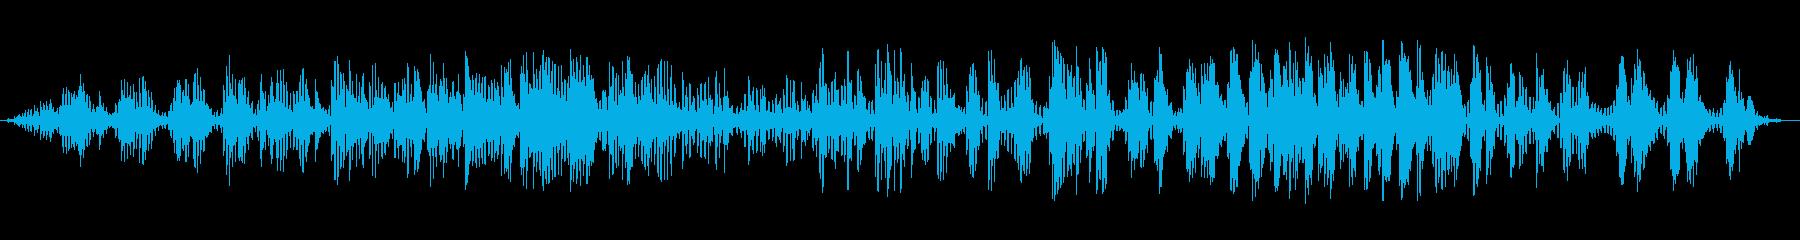 短いうがい;ヴィンテージ録音;食べ...の再生済みの波形